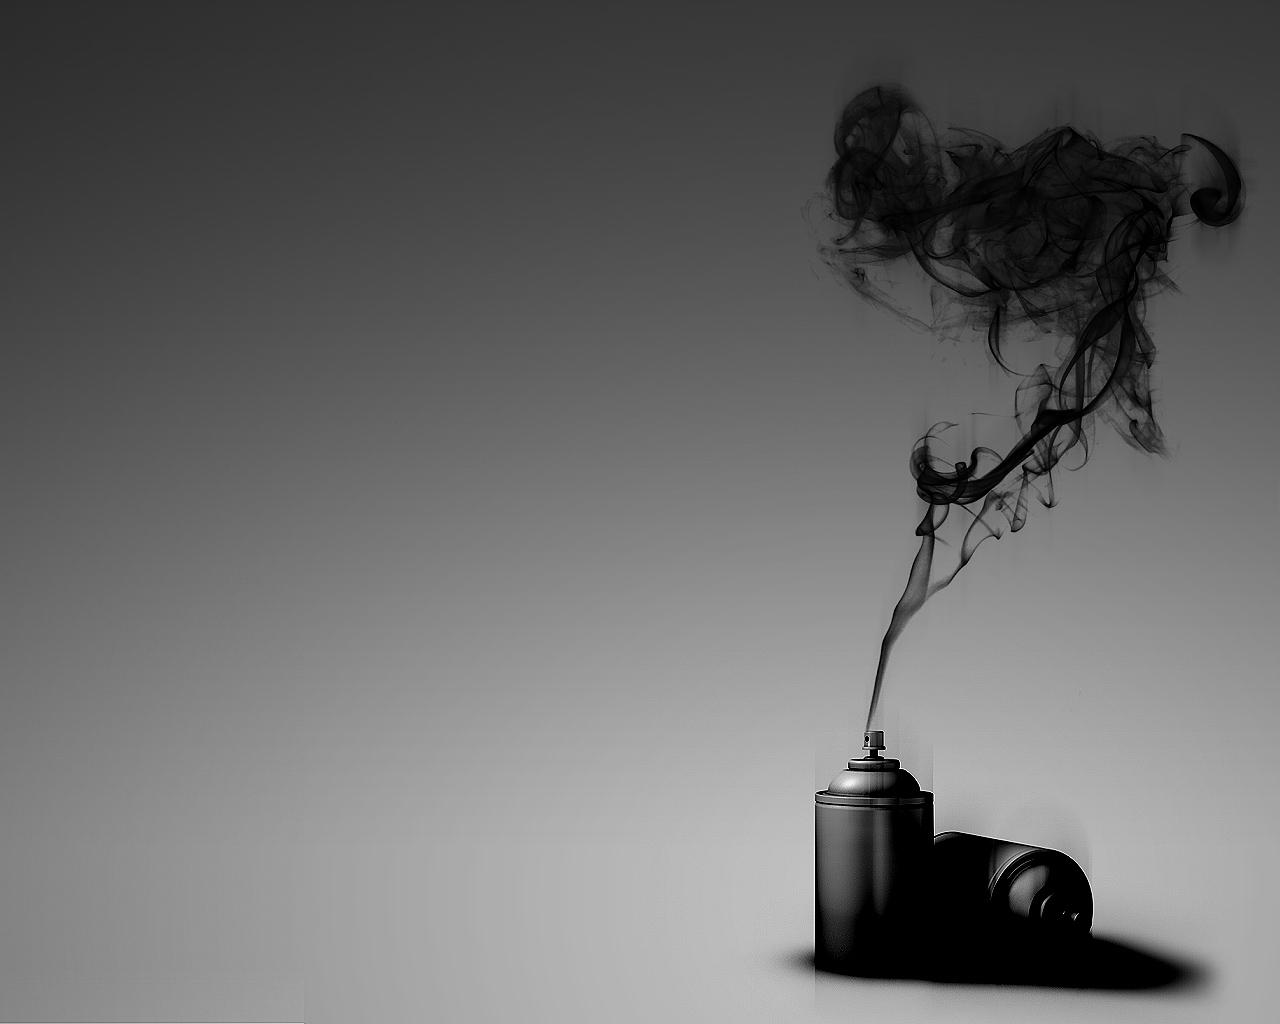 black smoke wallpaper download hq